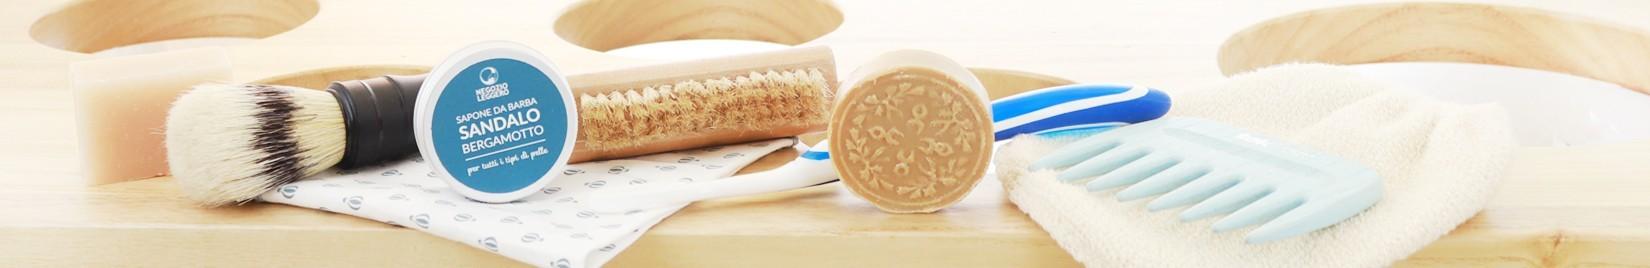 La linea di accessori per il bagno e la cosmesi del Negozio Leggero